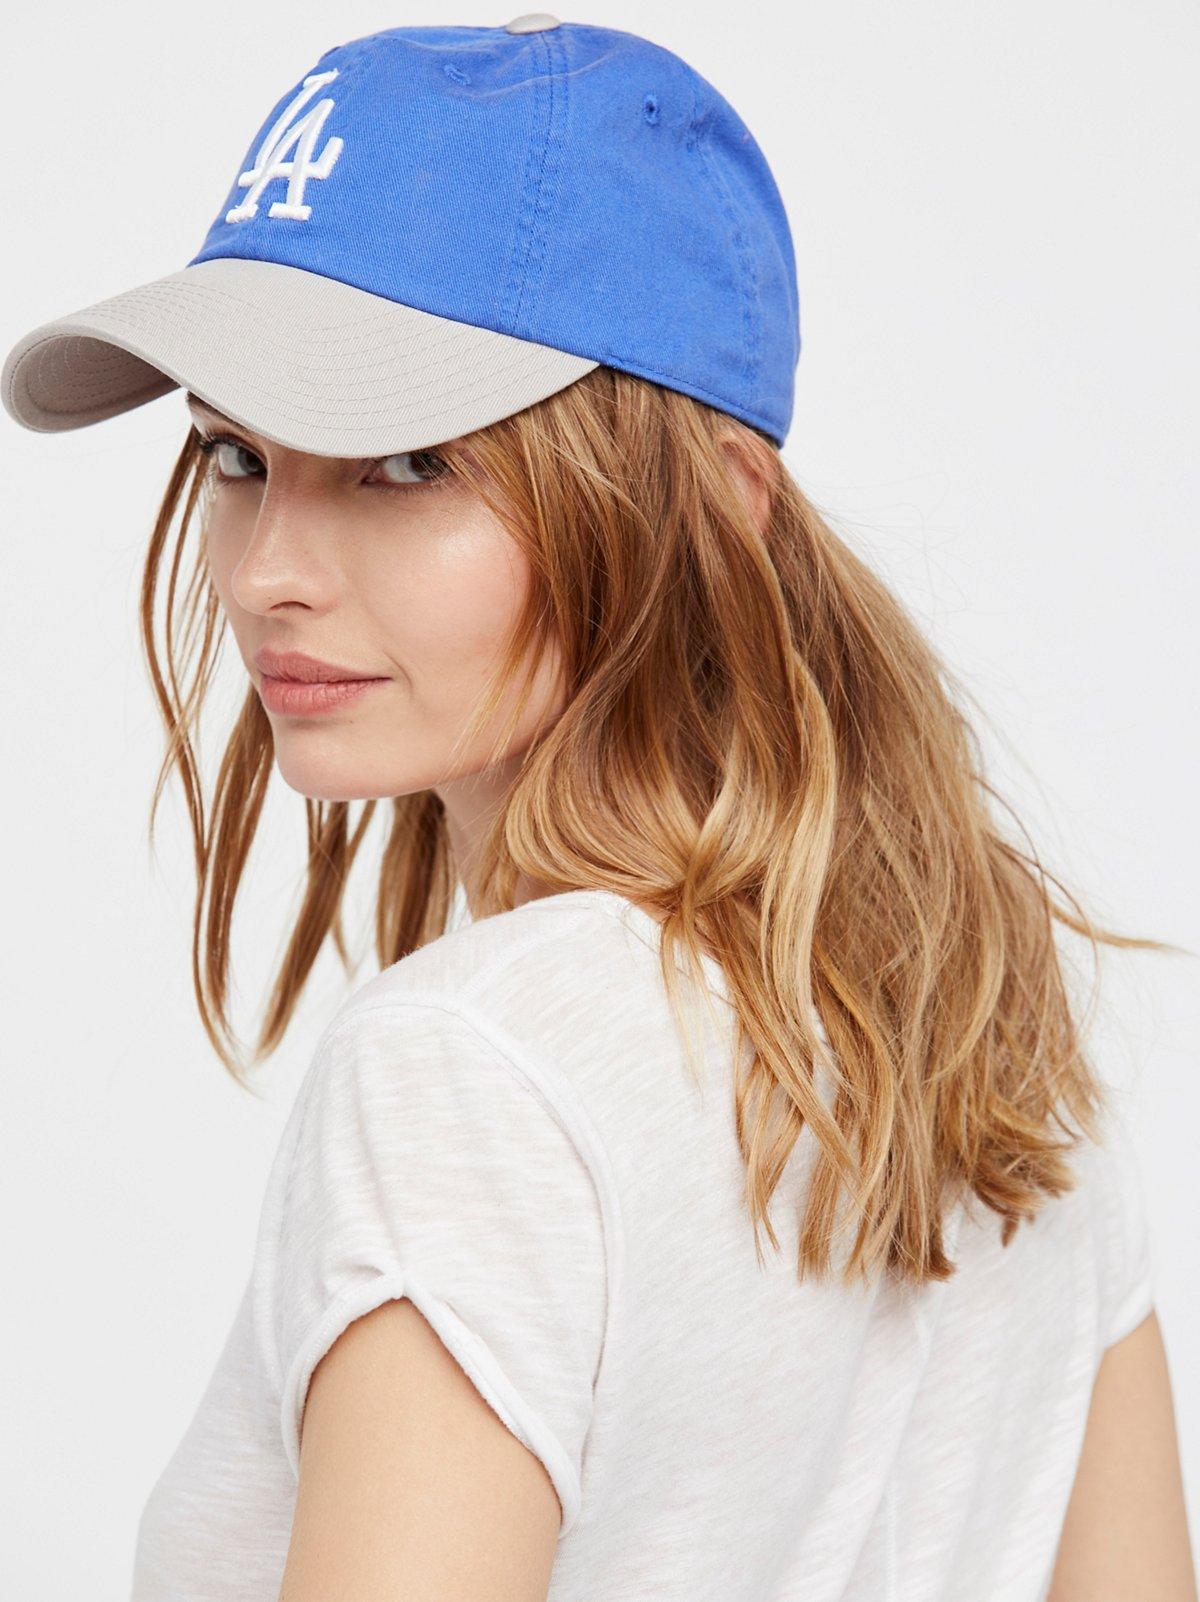 Two-Tone Major League Baseball Hat